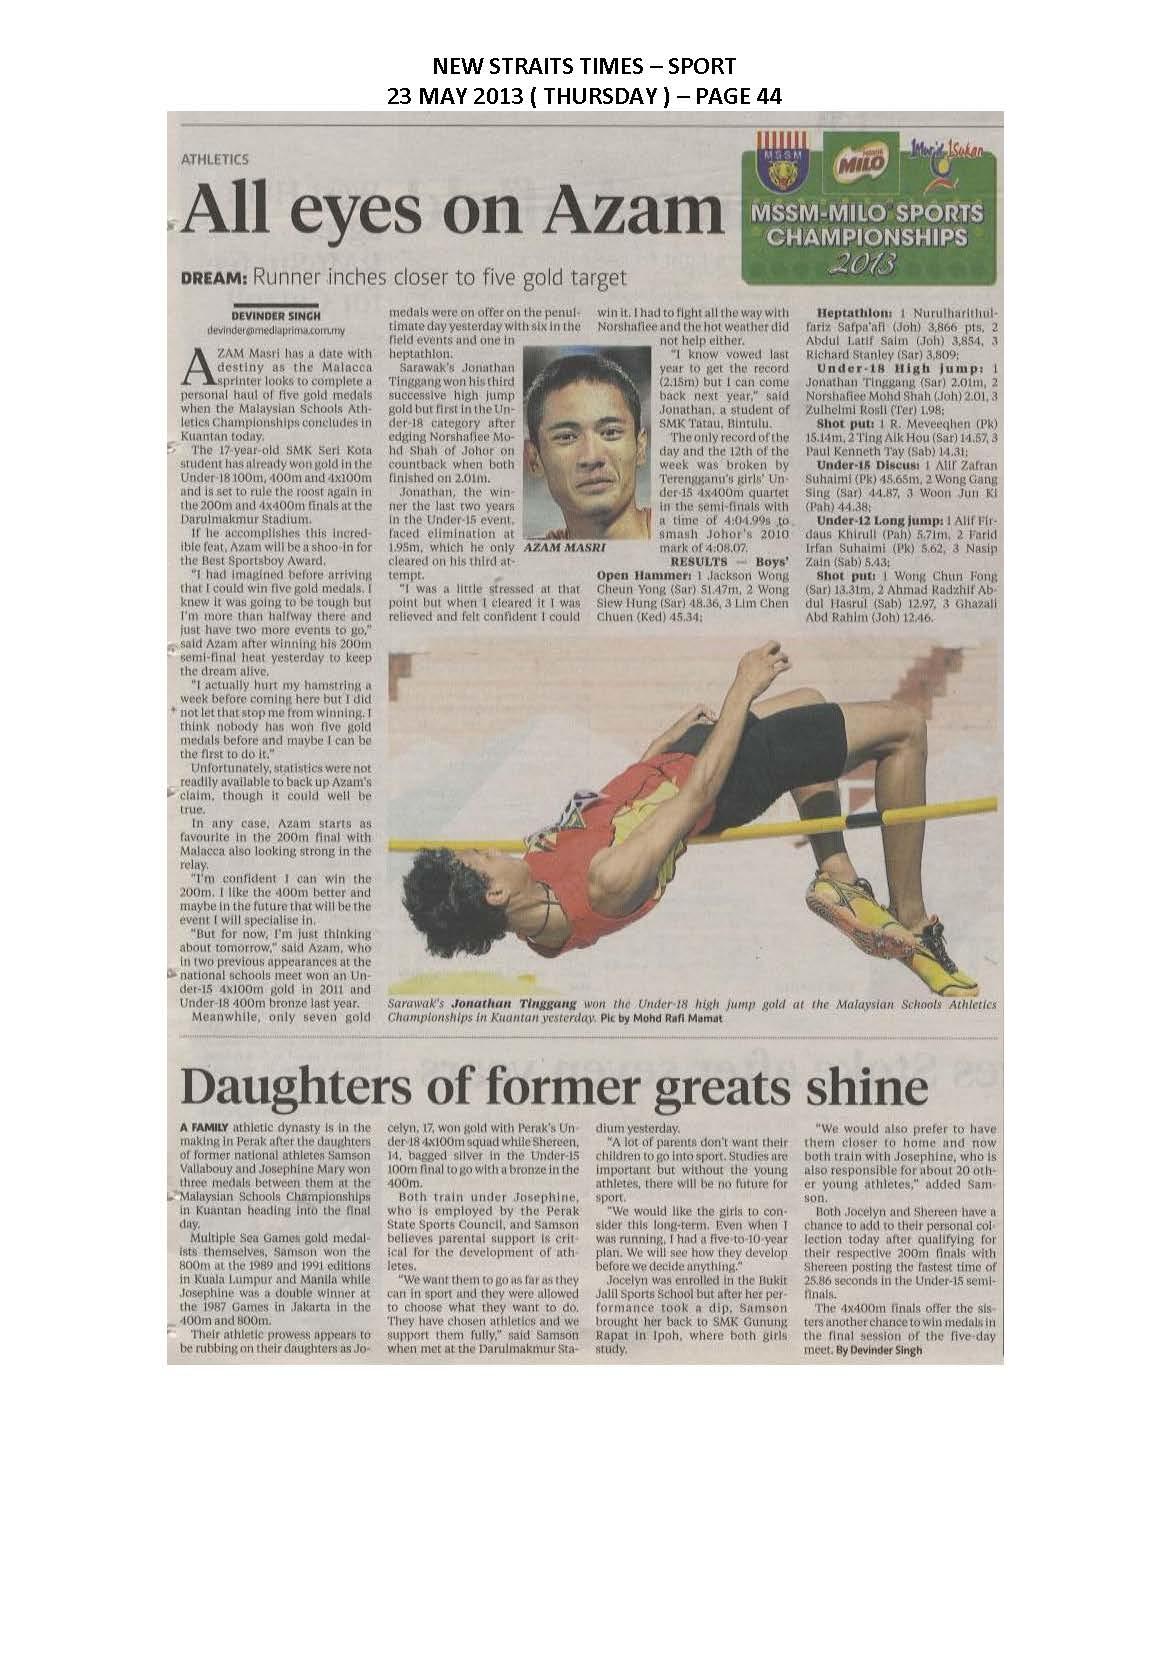 23.05.2013 - MSSM-MILO SPORTS CHAMPIONSHIPS 2013 - New Straits Times